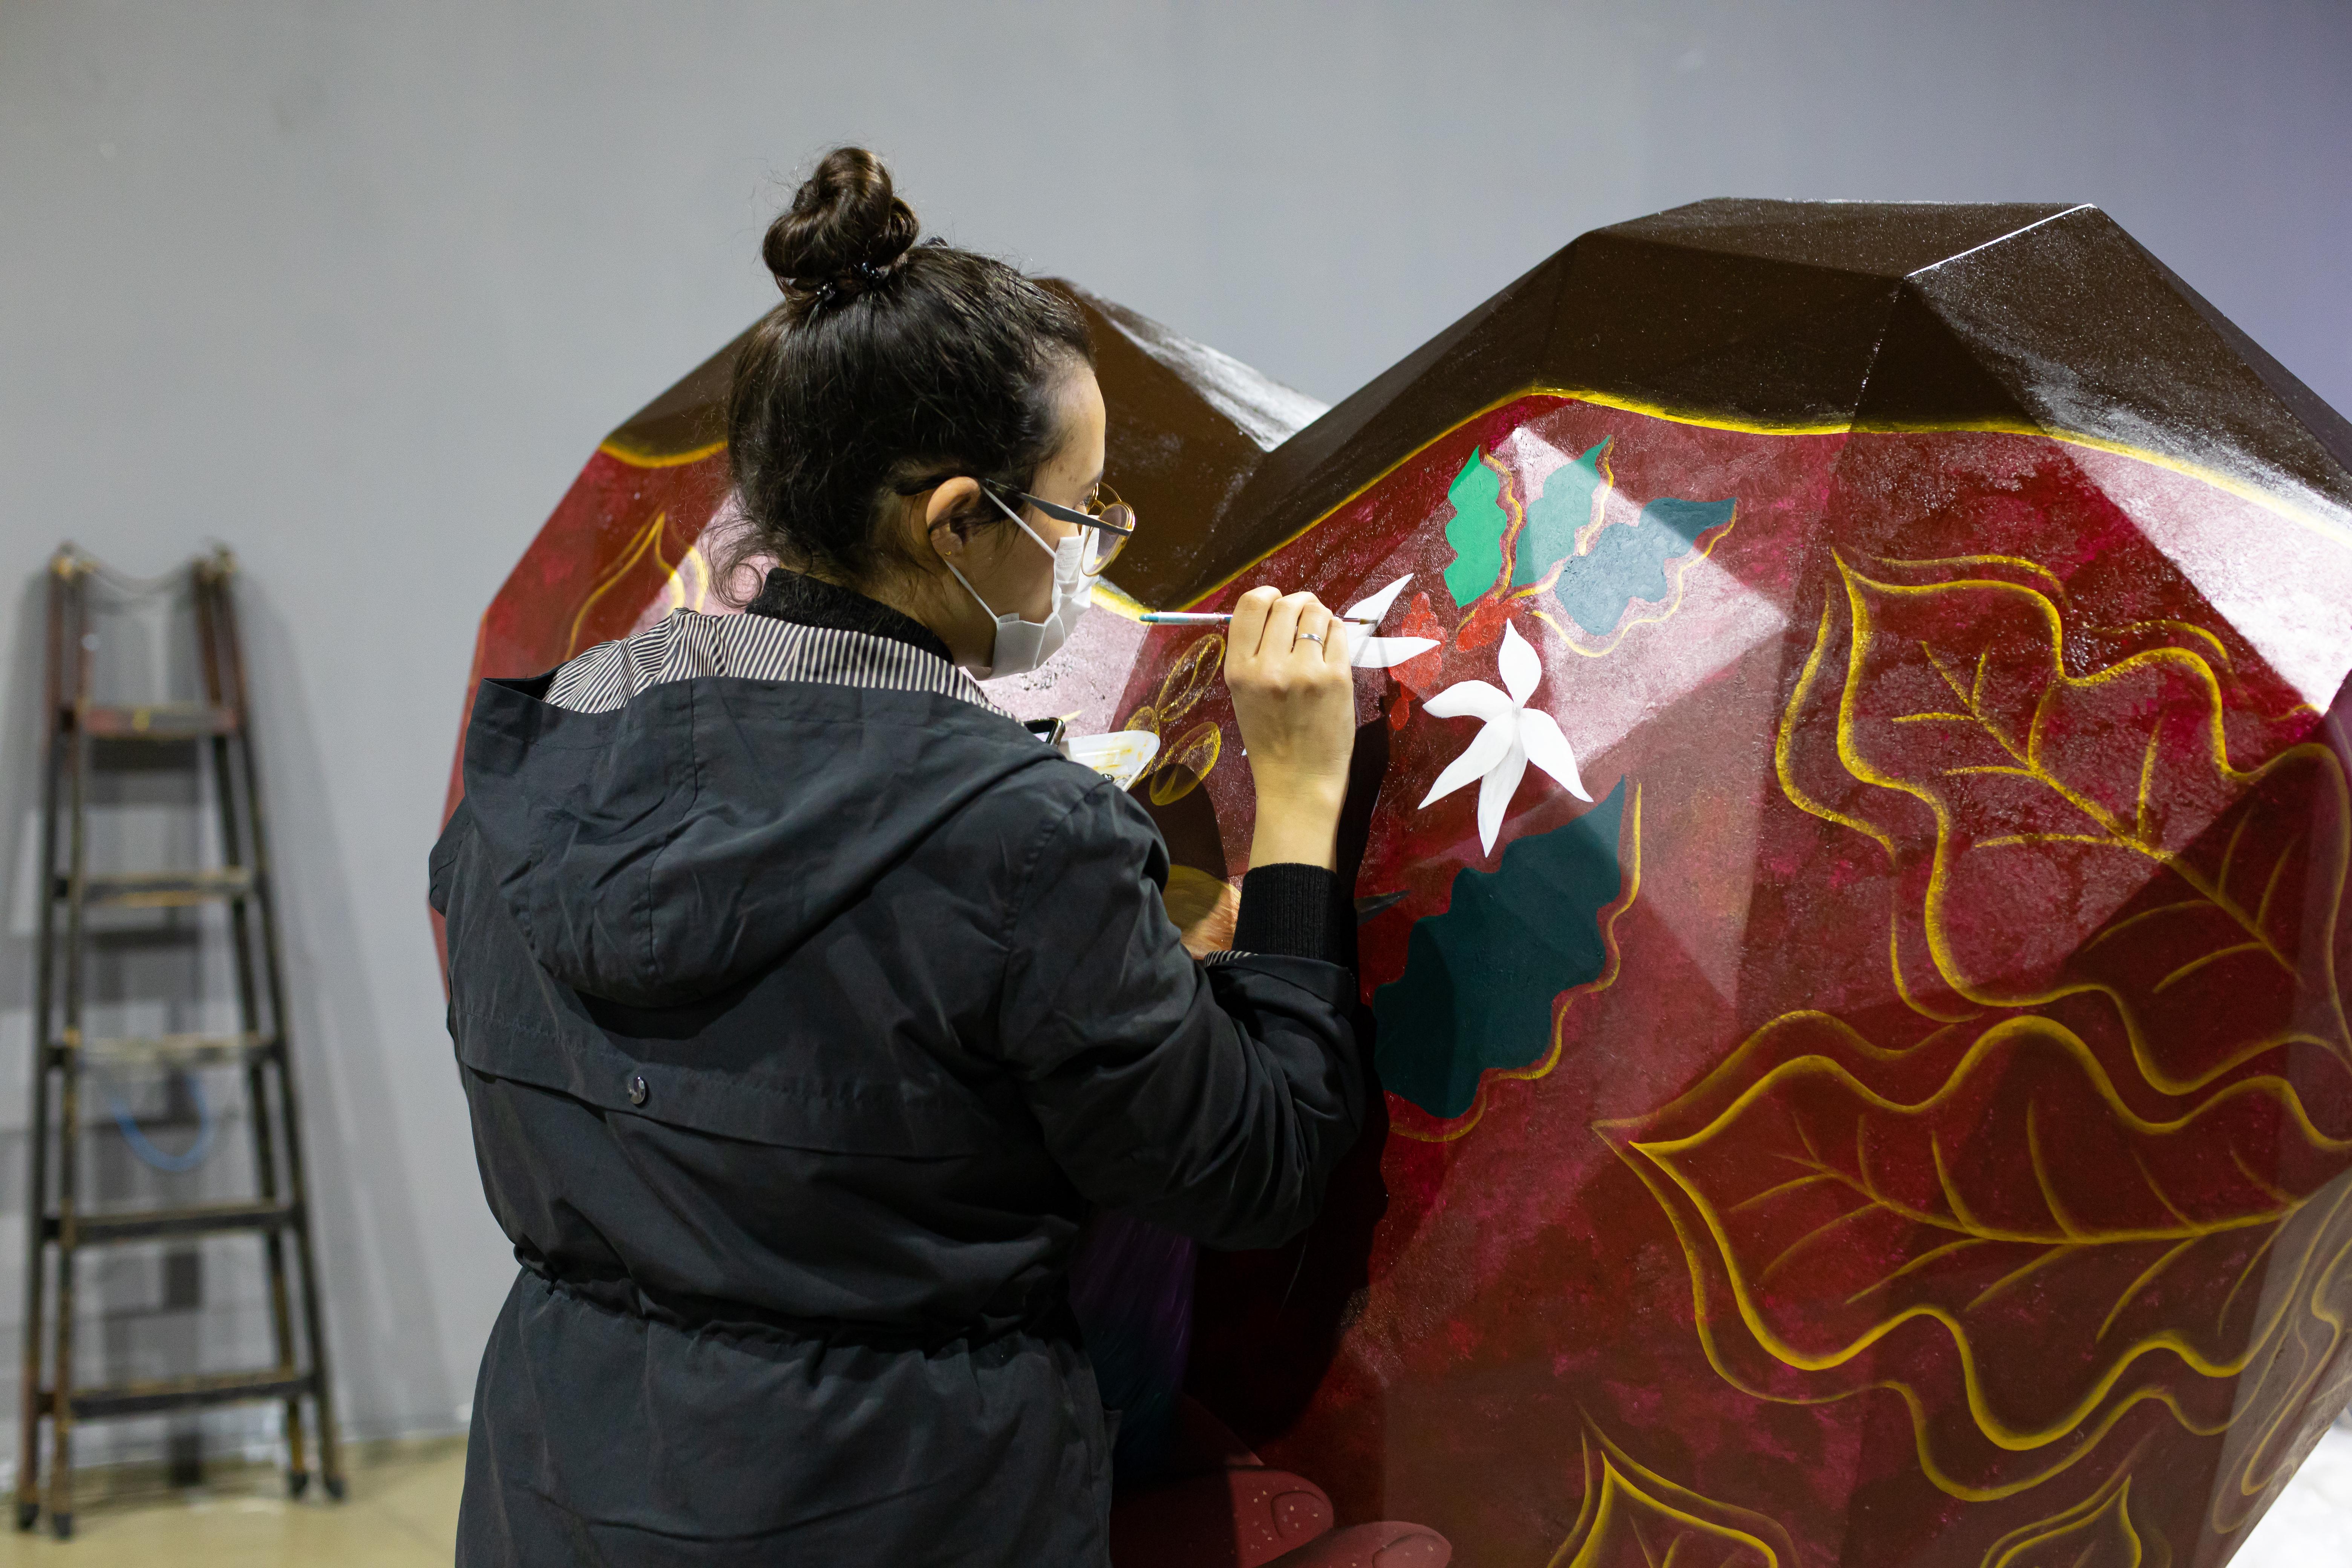 A imagem mostra um coração artístico, de mais de um metro de altura e largura. Ele está apoiado em uma estrutura de madeira e sendo pintado por outra pessoa.